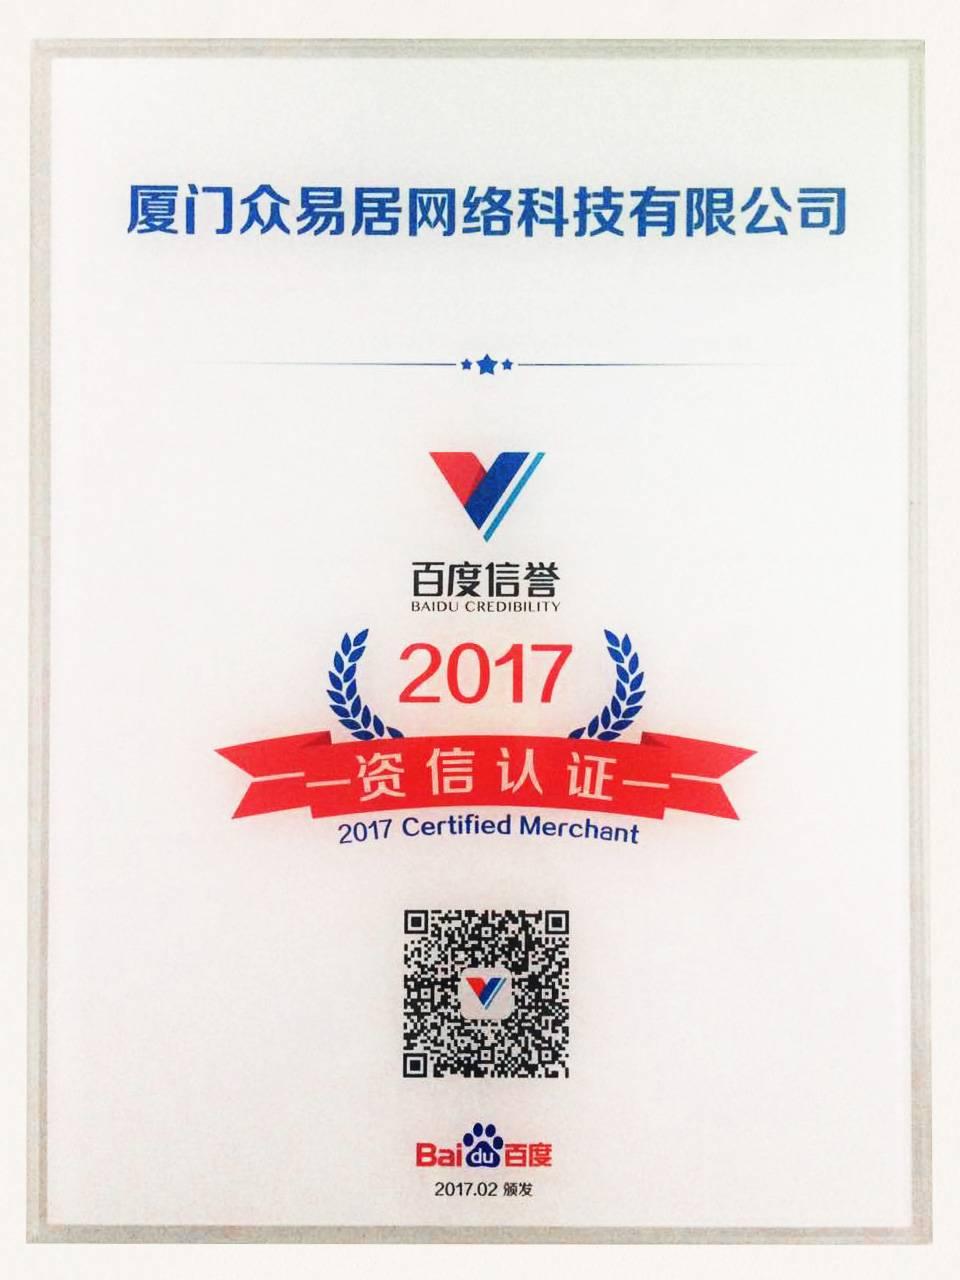 众易居荣获百度信誉2017资信认证